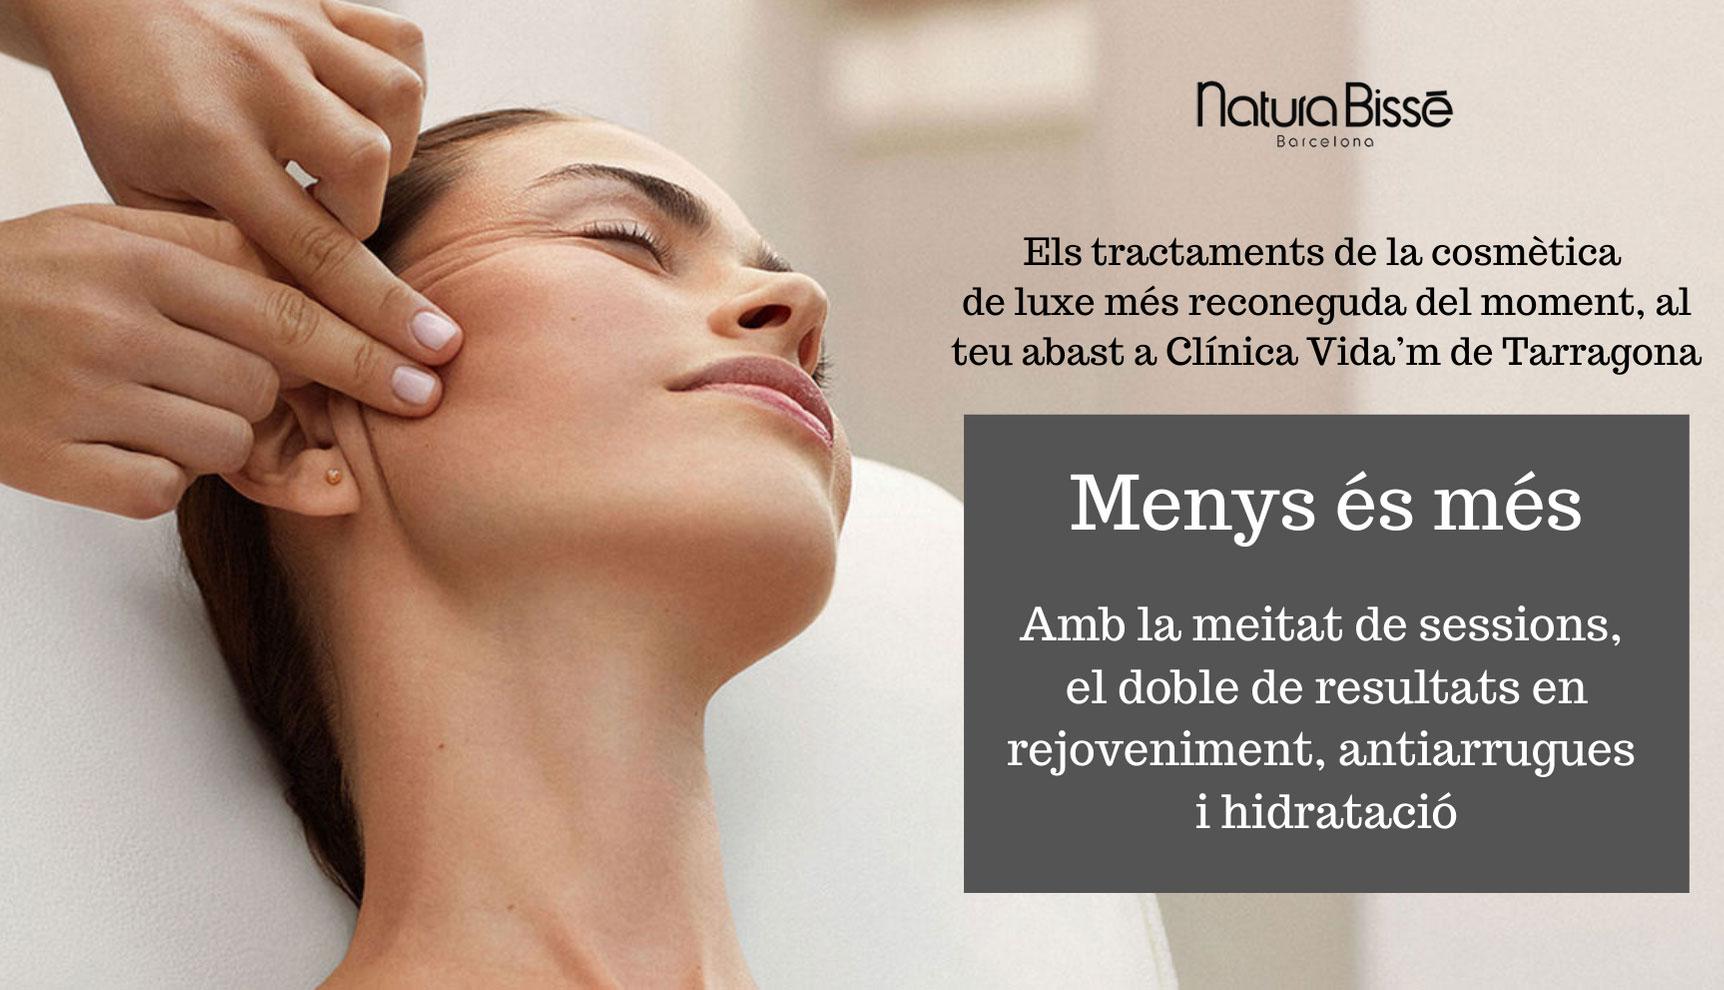 Els tractaments de la cosmetica de luxe mes reconeguda del moment al teu abast a Clinica Vida'm Tarragona